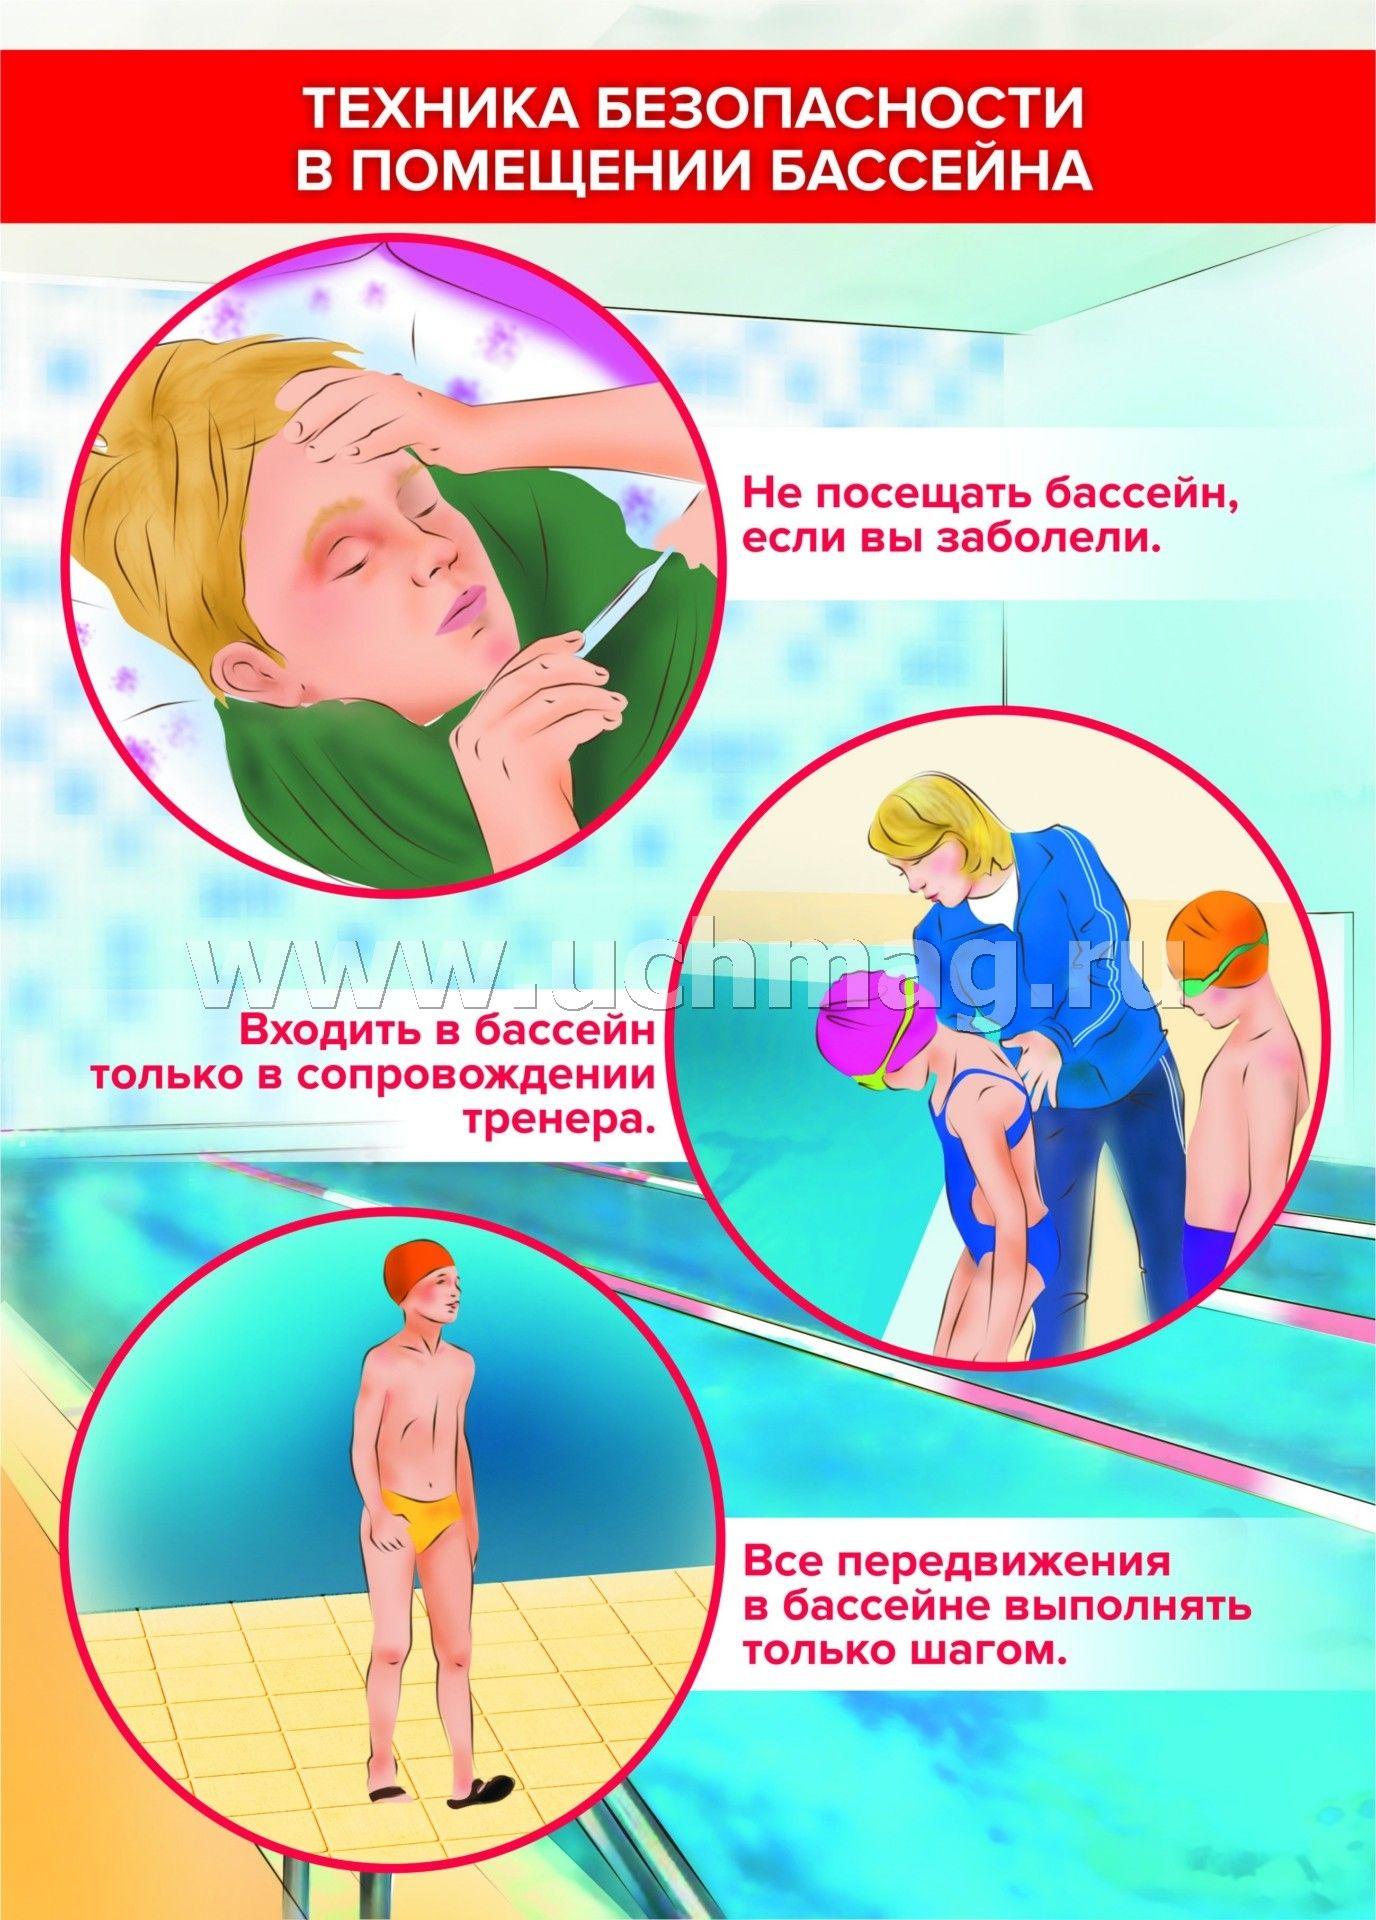 правила посещения бассейна в картинках том